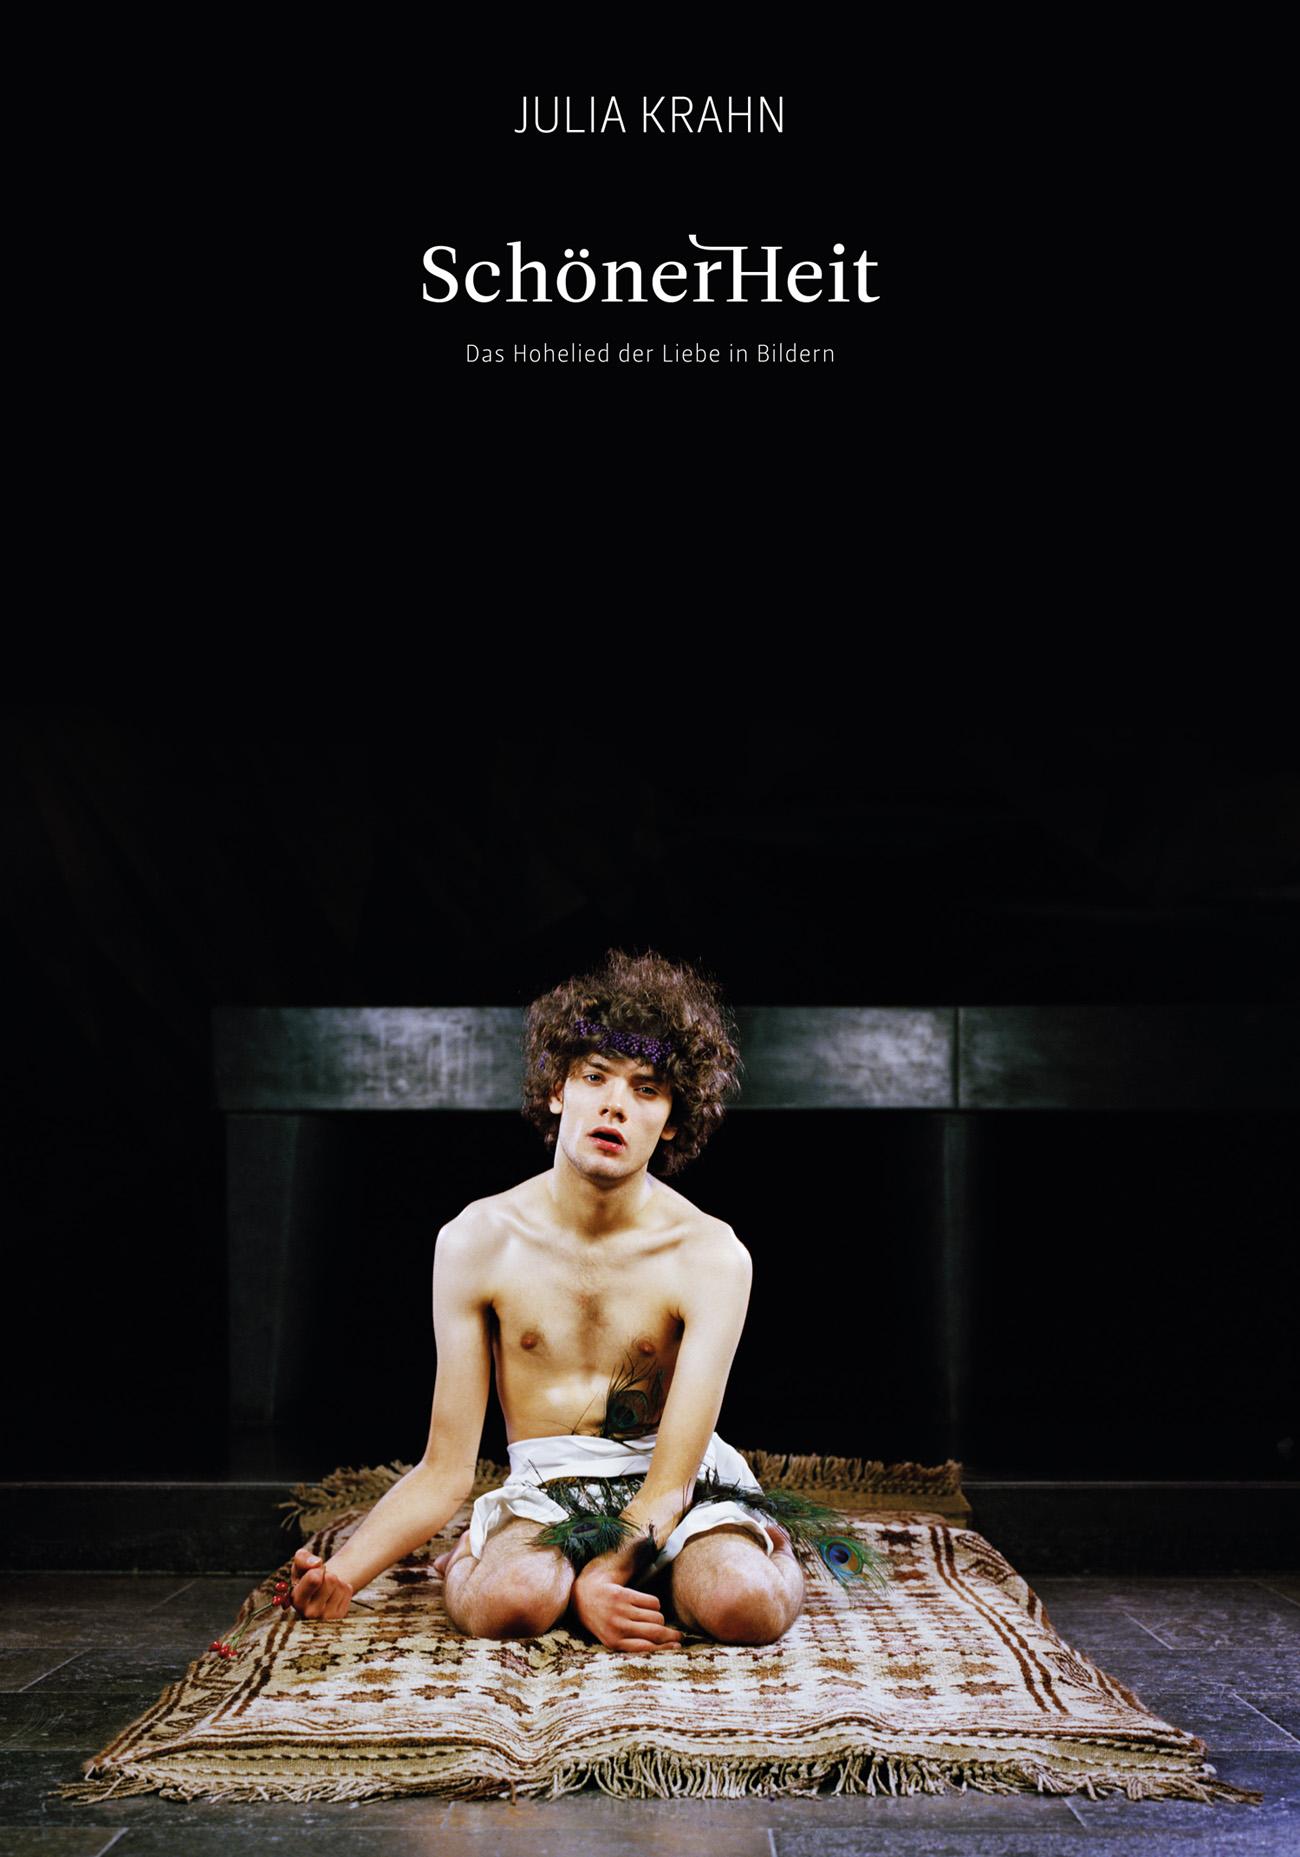 Schonerheit-flyer-20.04.16 2.indd